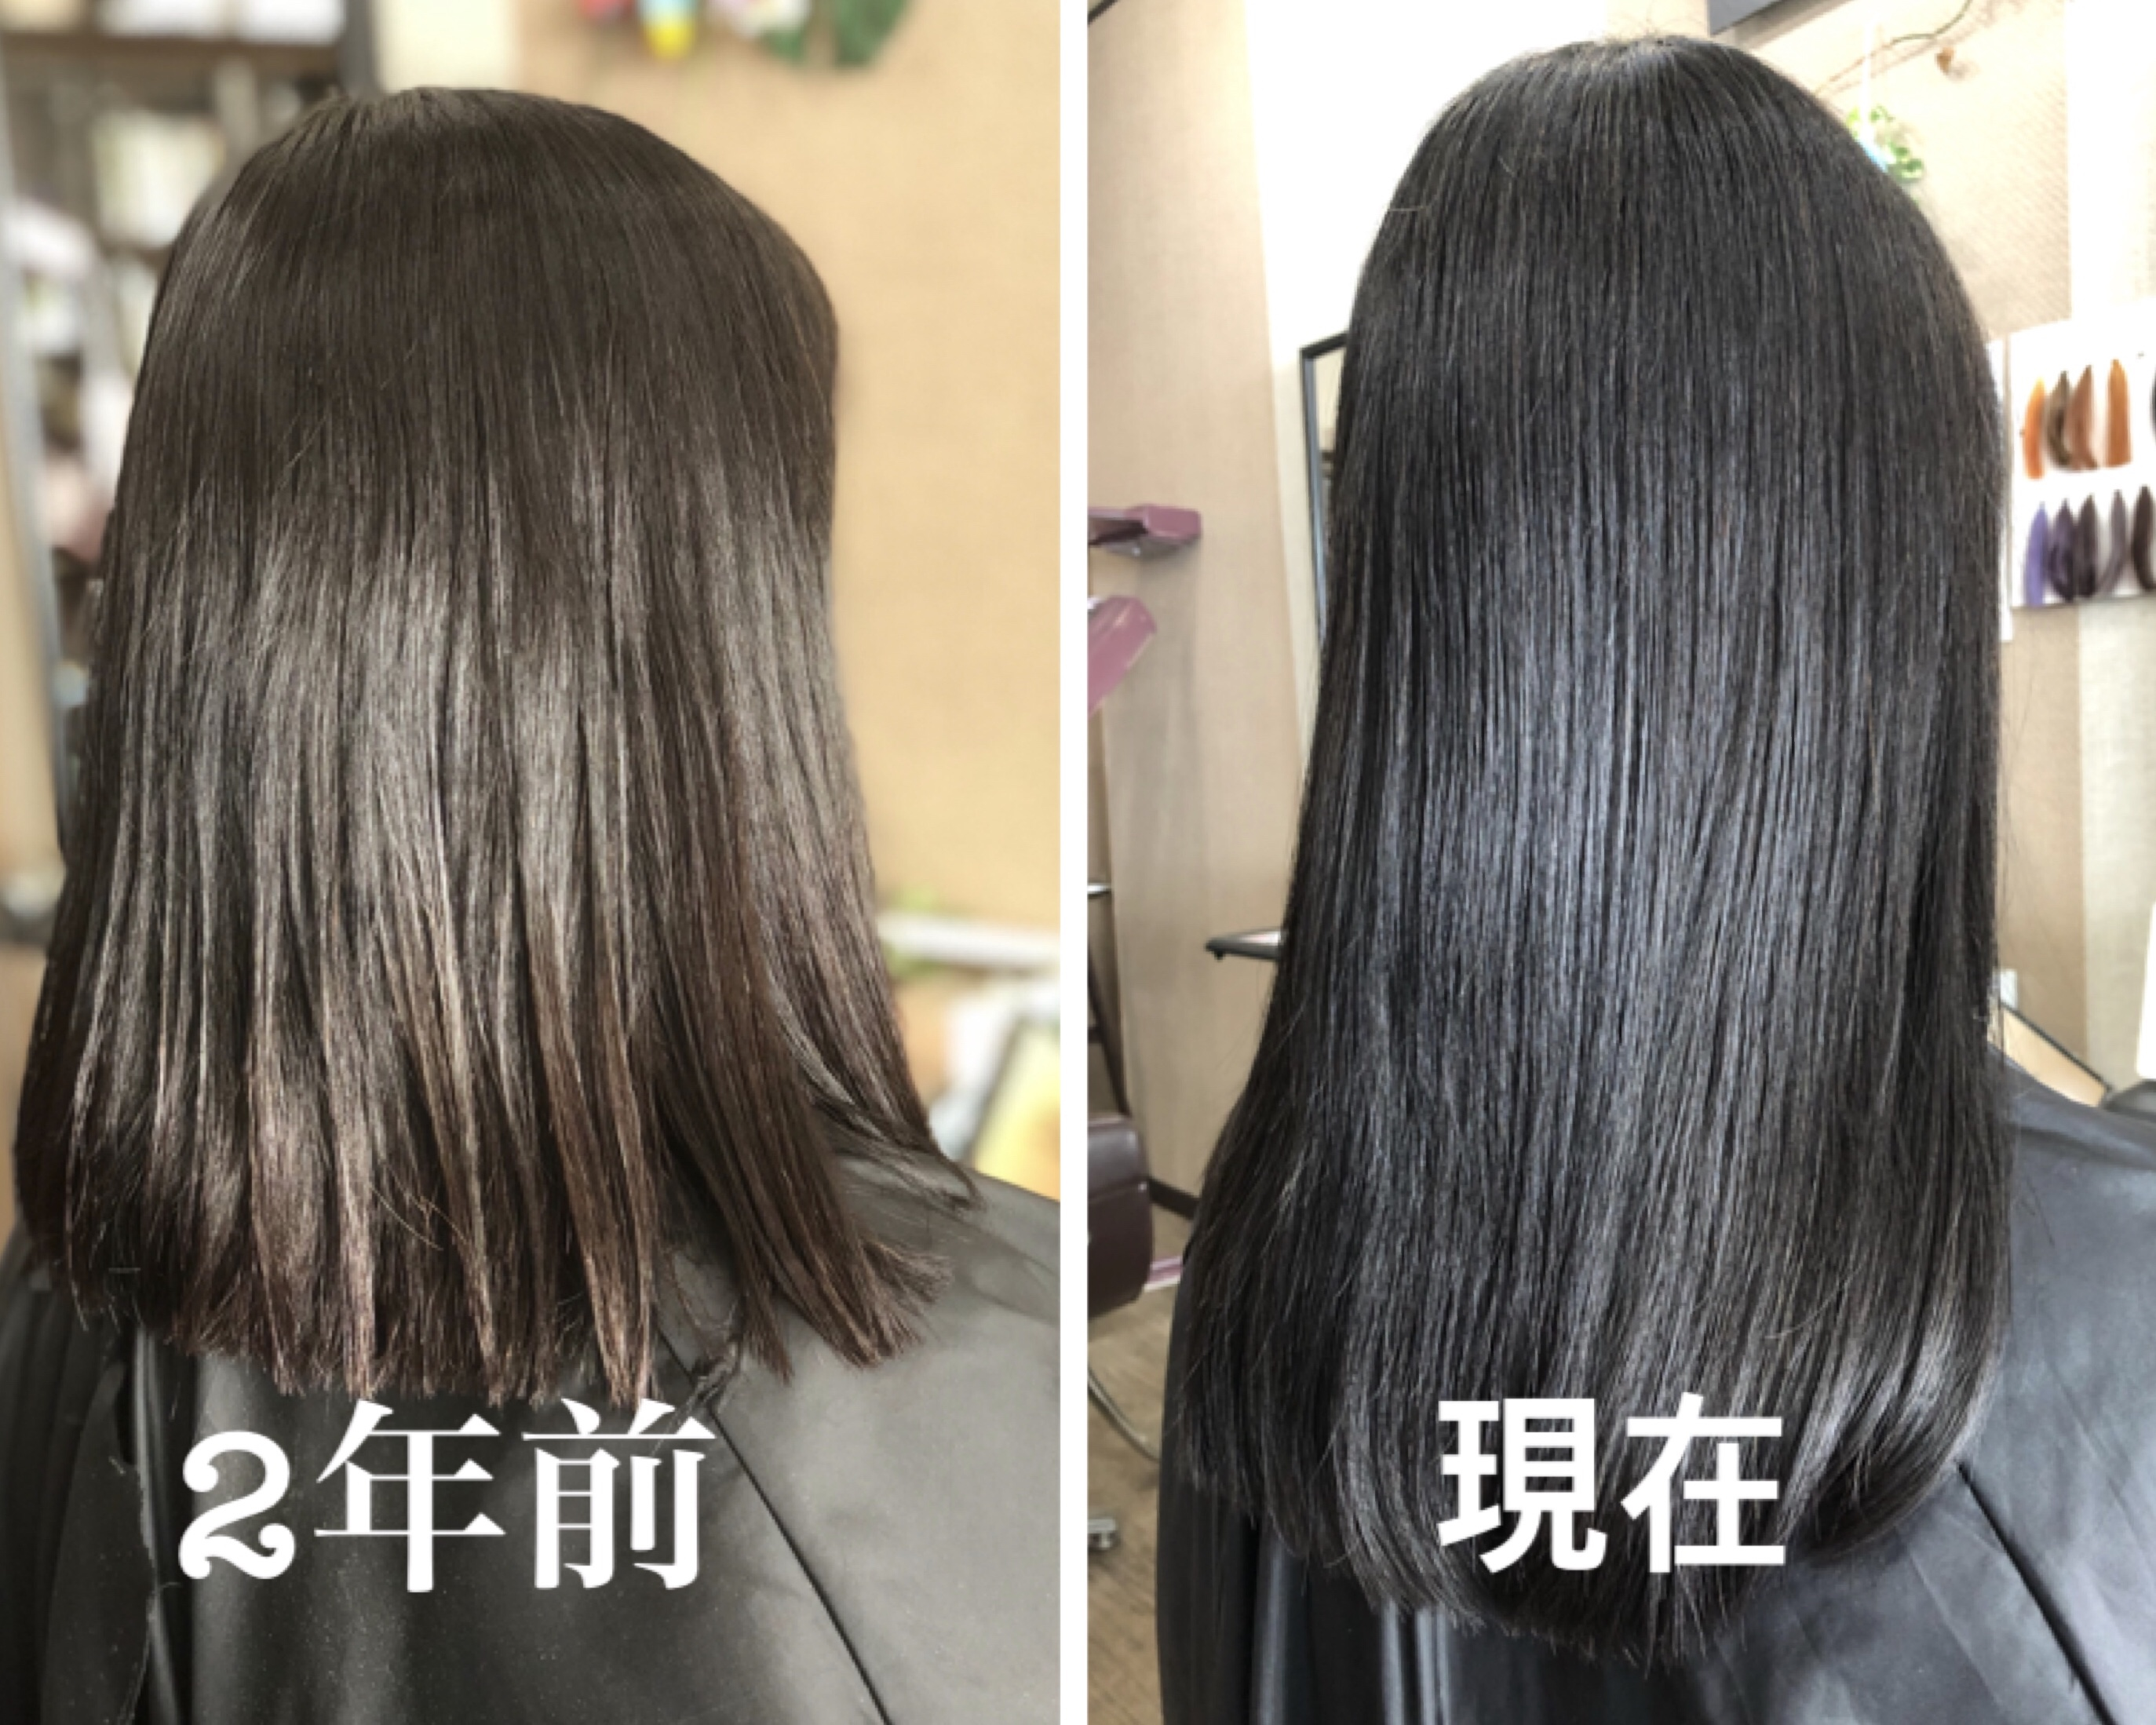 埼玉県 白髪染めをしながらハナヘナで髪質改善をした